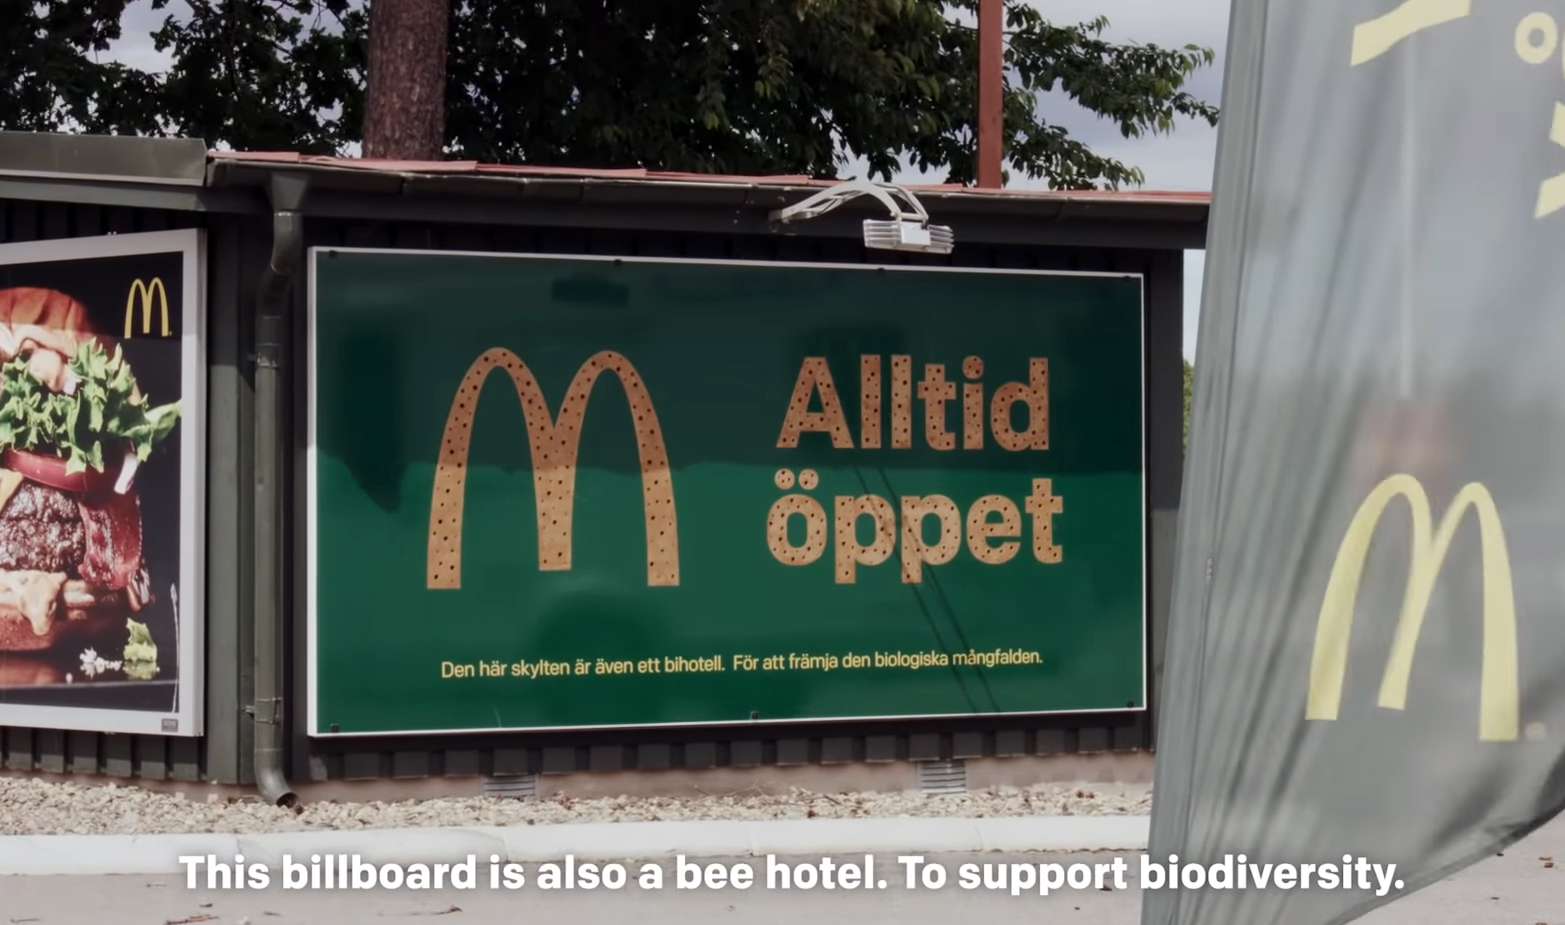 Билборд, поддерживающий биоразнообразие.